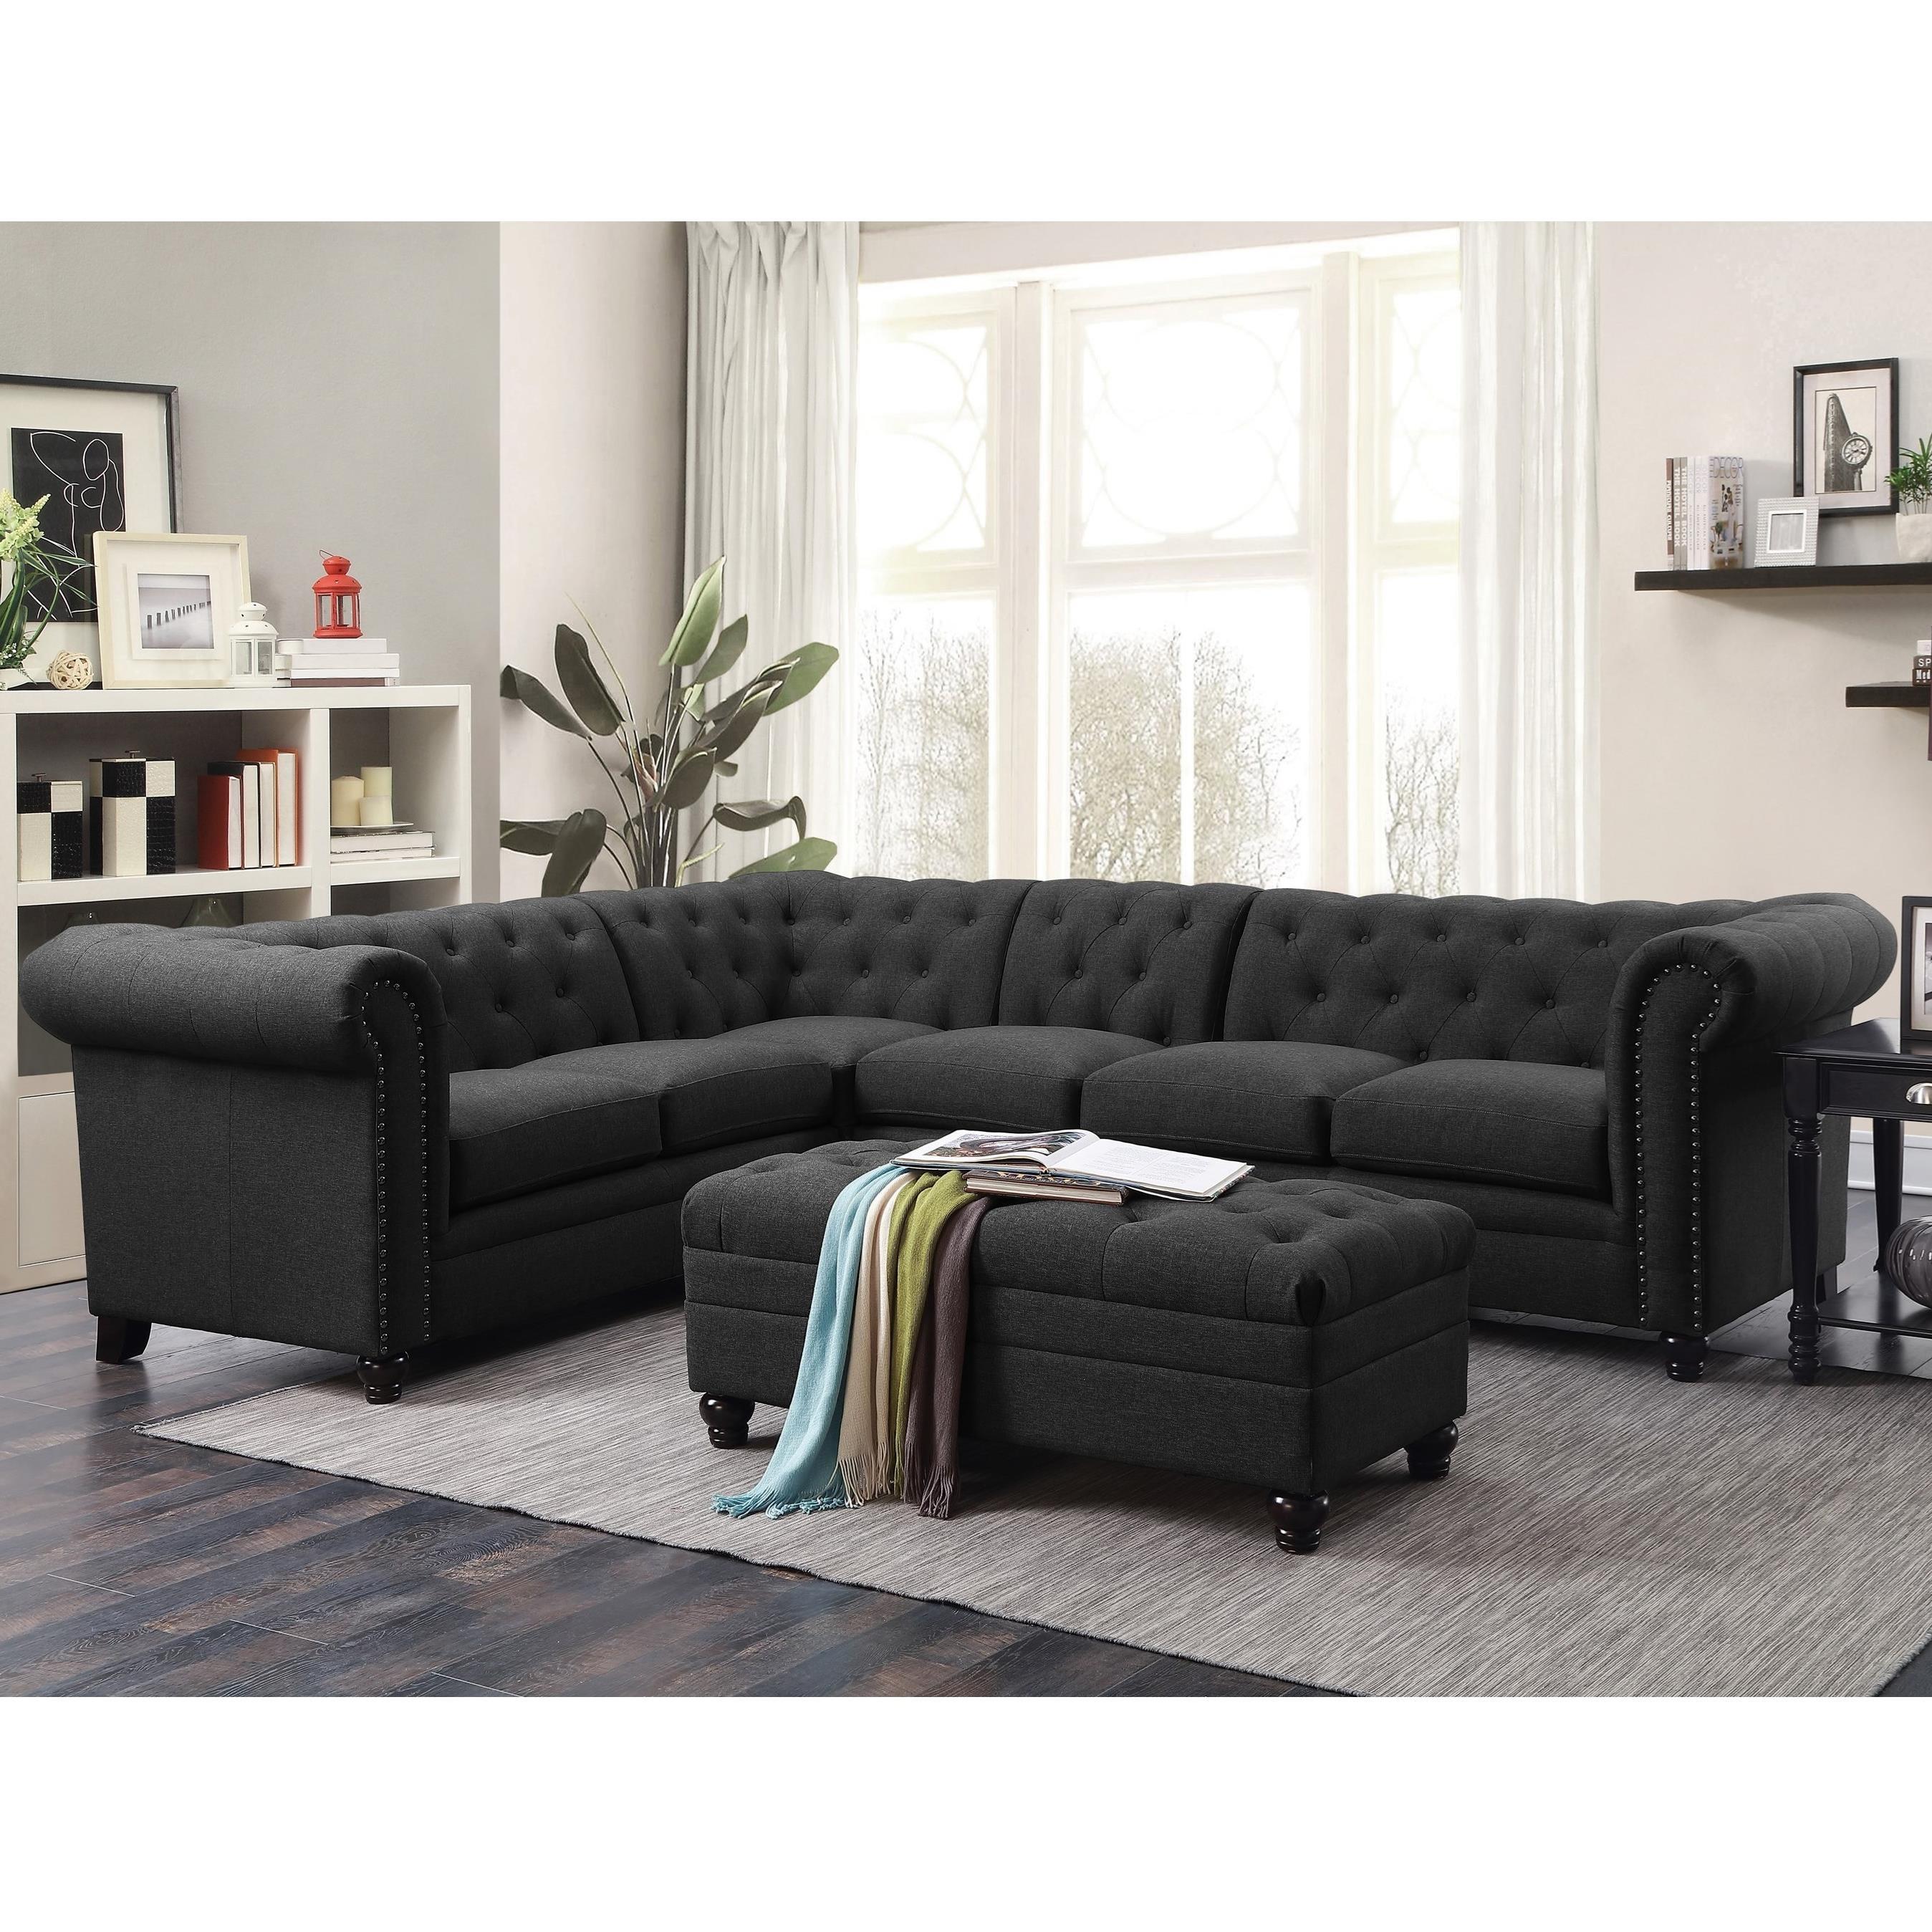 Coaster RoySectional Sofa With Armless Chair ...